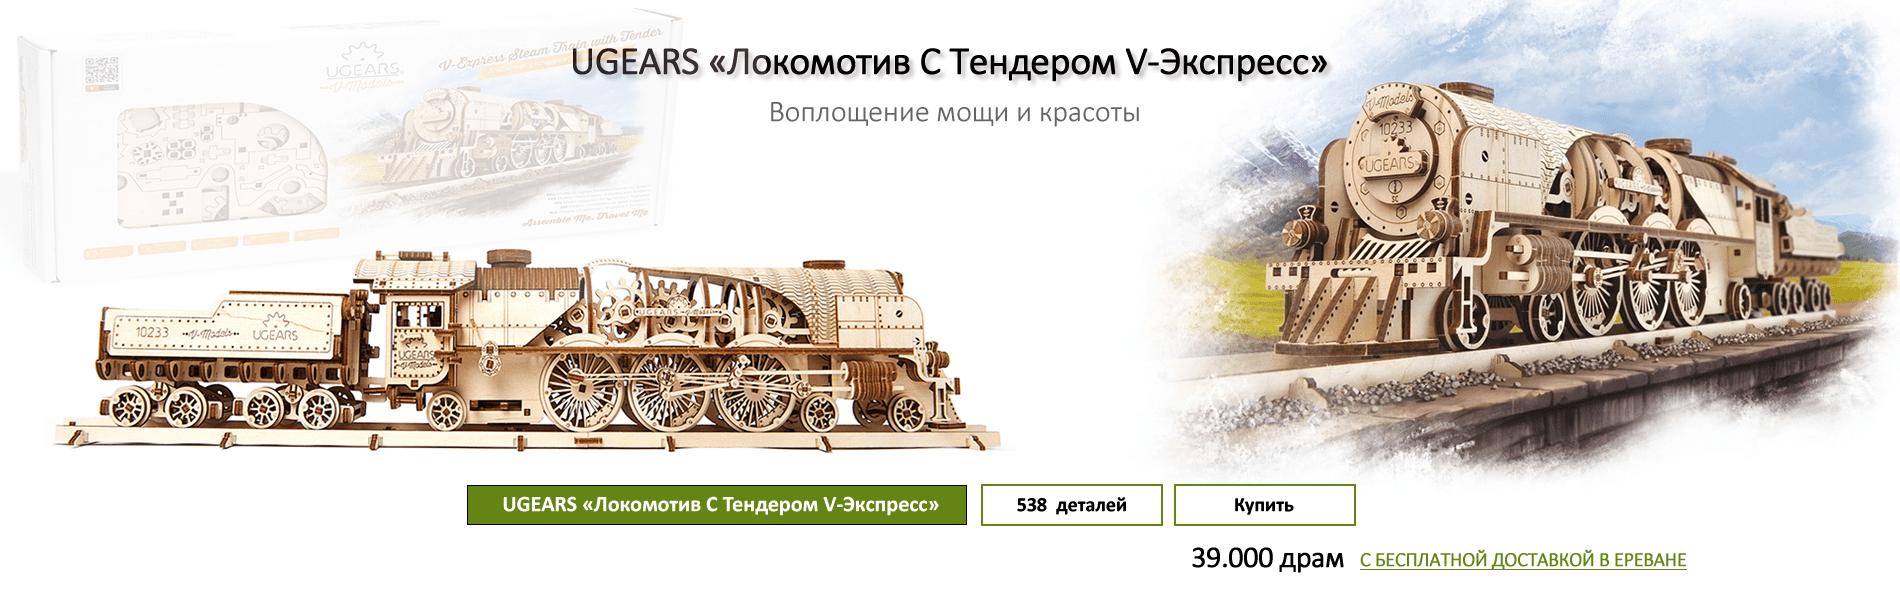 «Локомотив С Тендером V-Экспресс»  БЕСПЛАТНАЯ ДОСТАВКА В ЕРЕВАНЕ